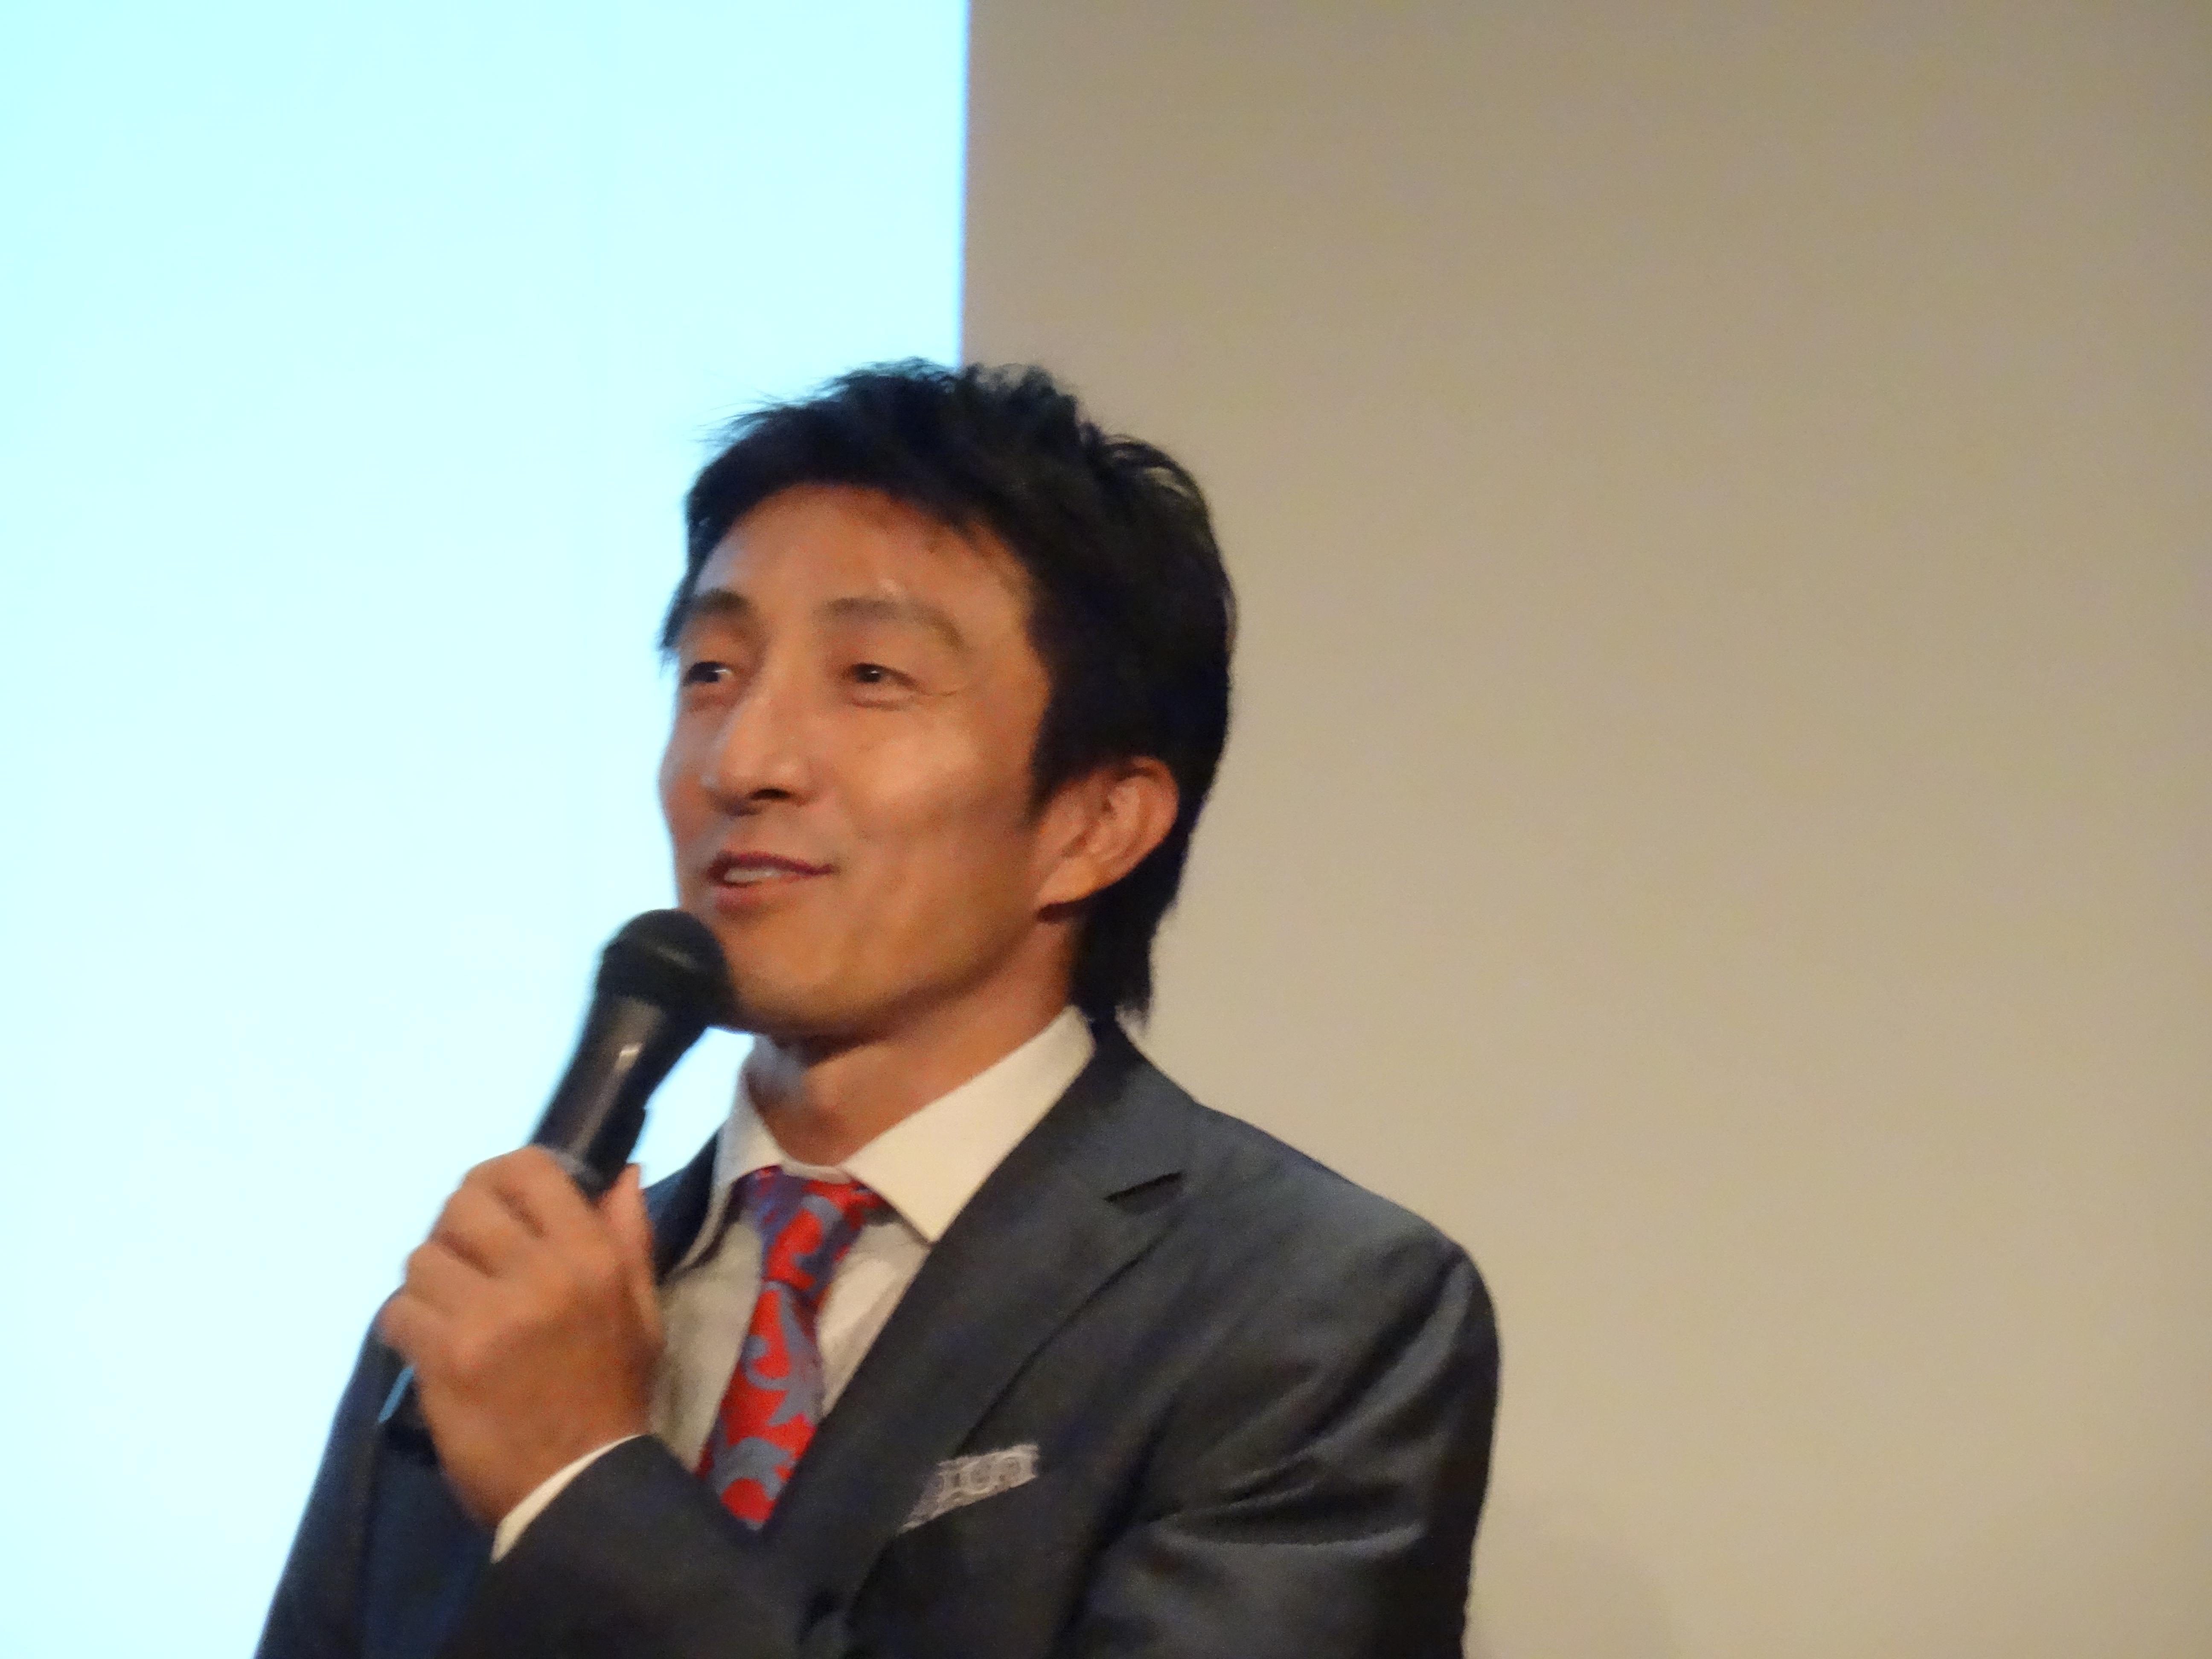 2016/9/2 朝原宜治先生の講演を聴いてきました